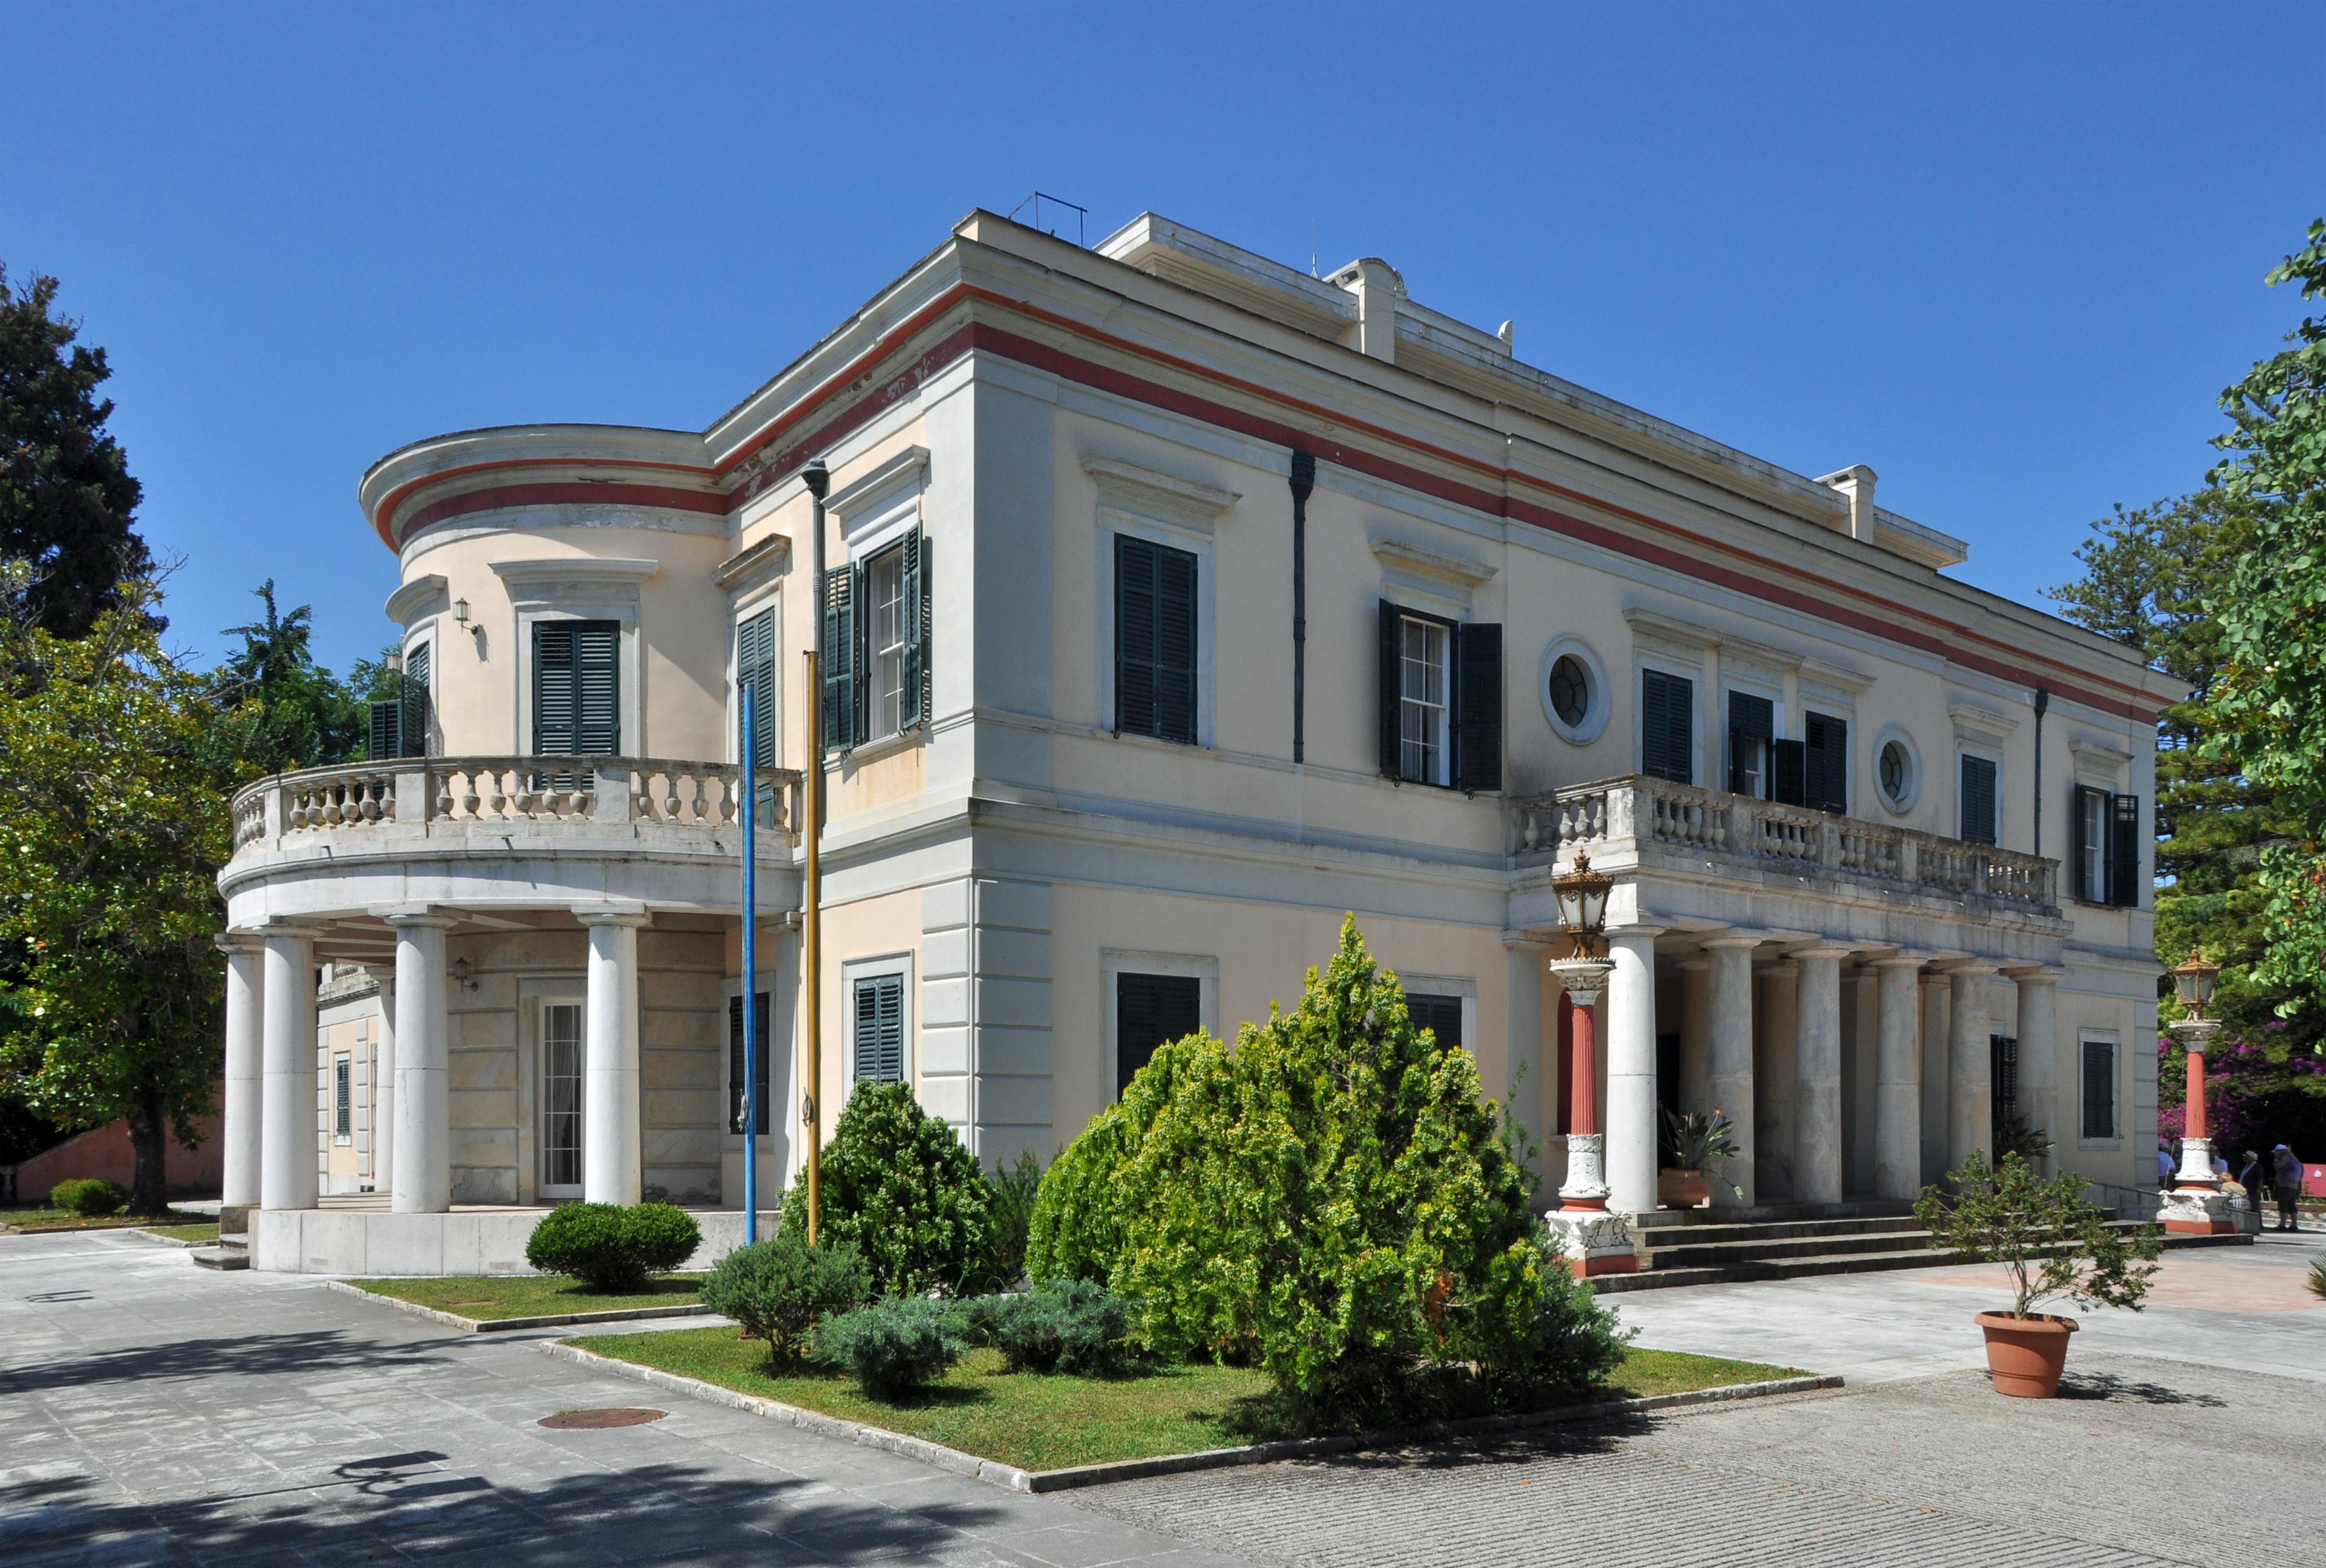 Μουσείο Παλαιόπολης Κέρκυρας